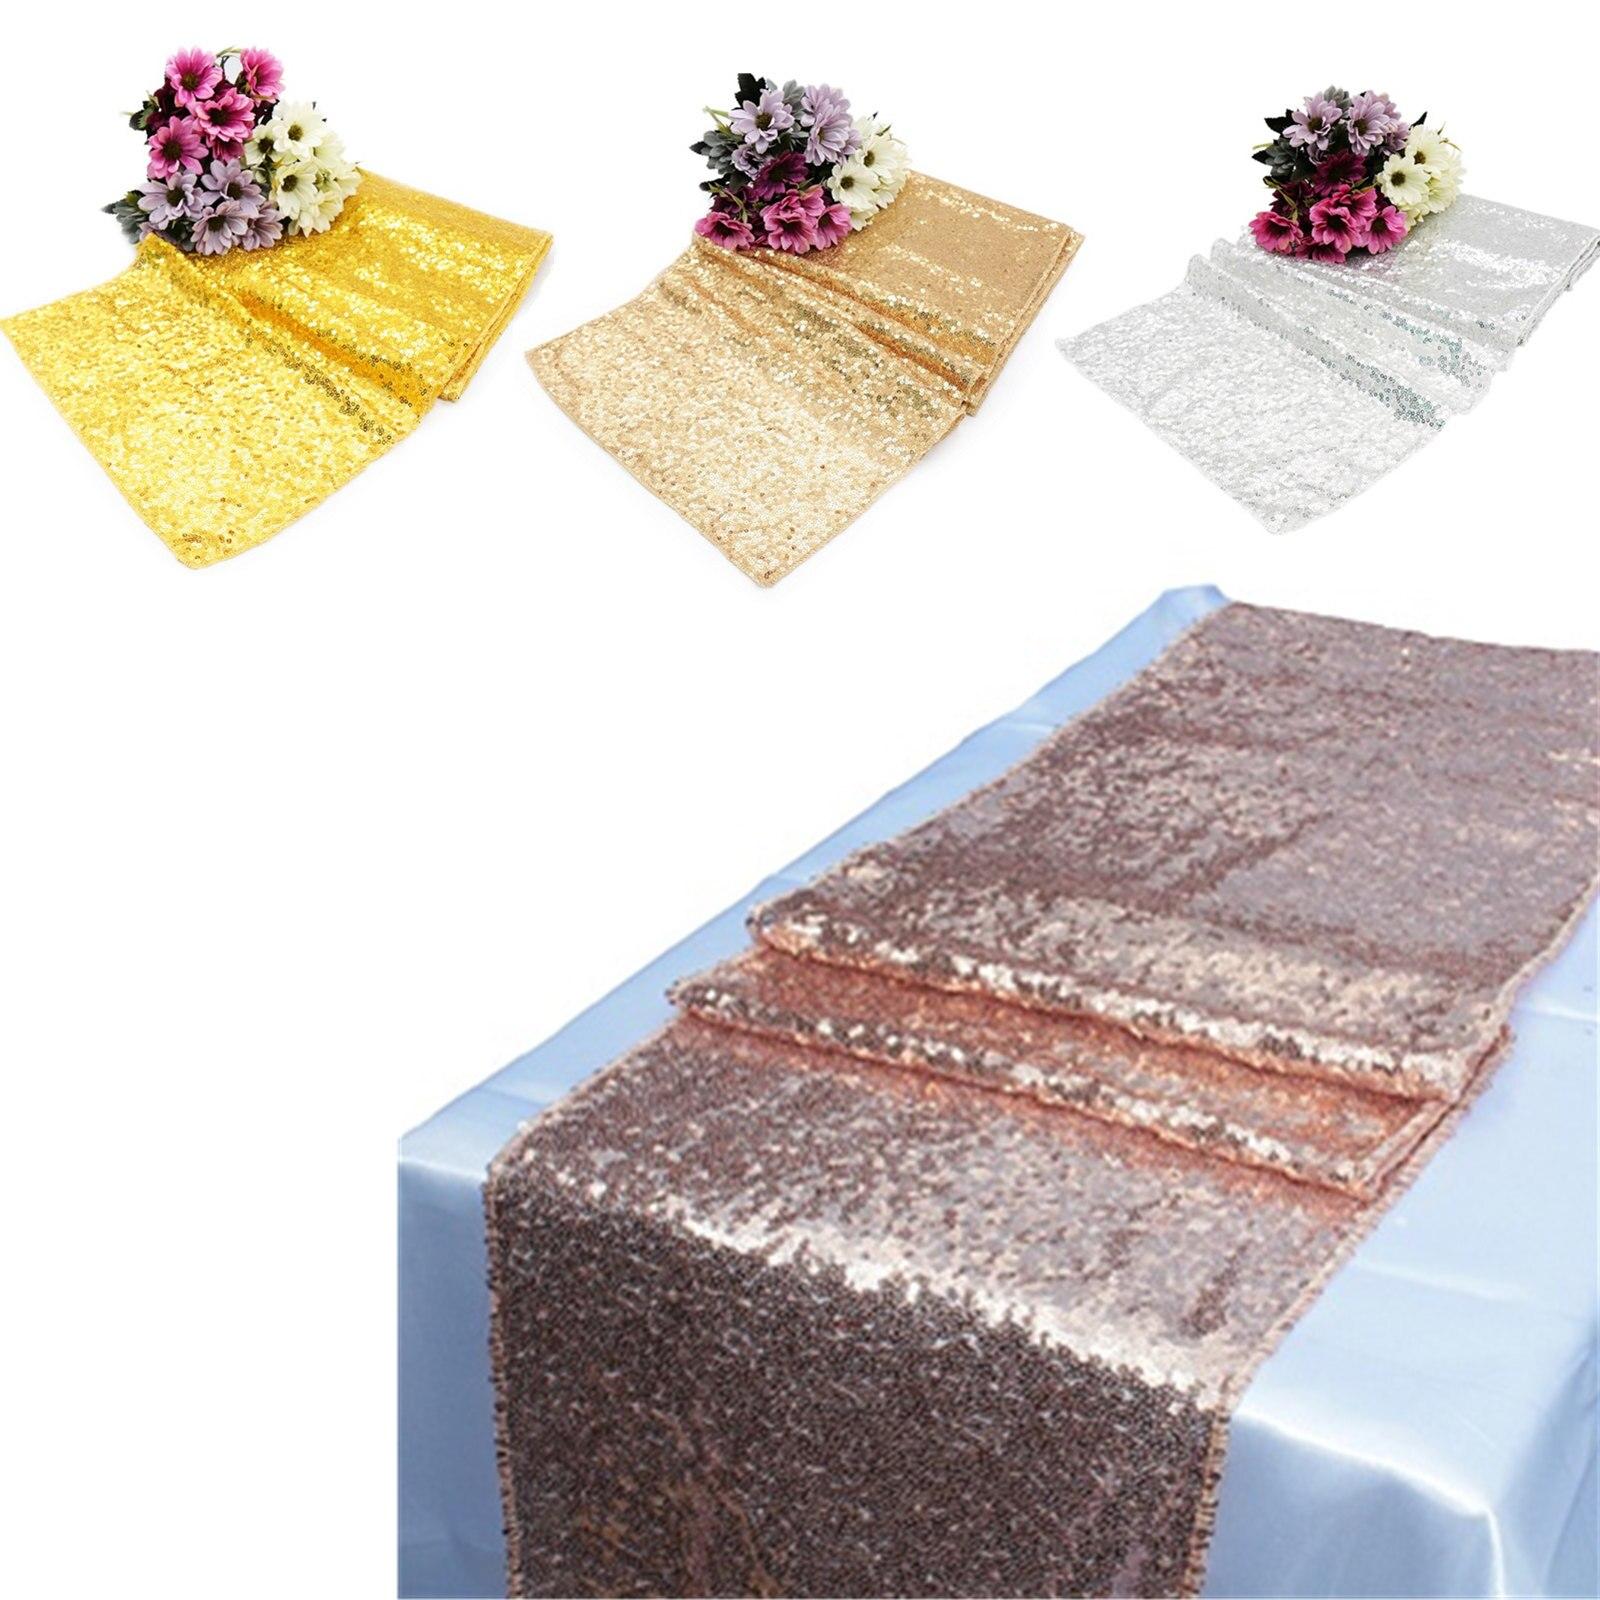 1 Uds. Camino de mesa de lentejuelas 30x275cm 30x180cm dorado rosa dorado para mesa de fiesta mantel bodas decoración caminos de Mesa para el hogar